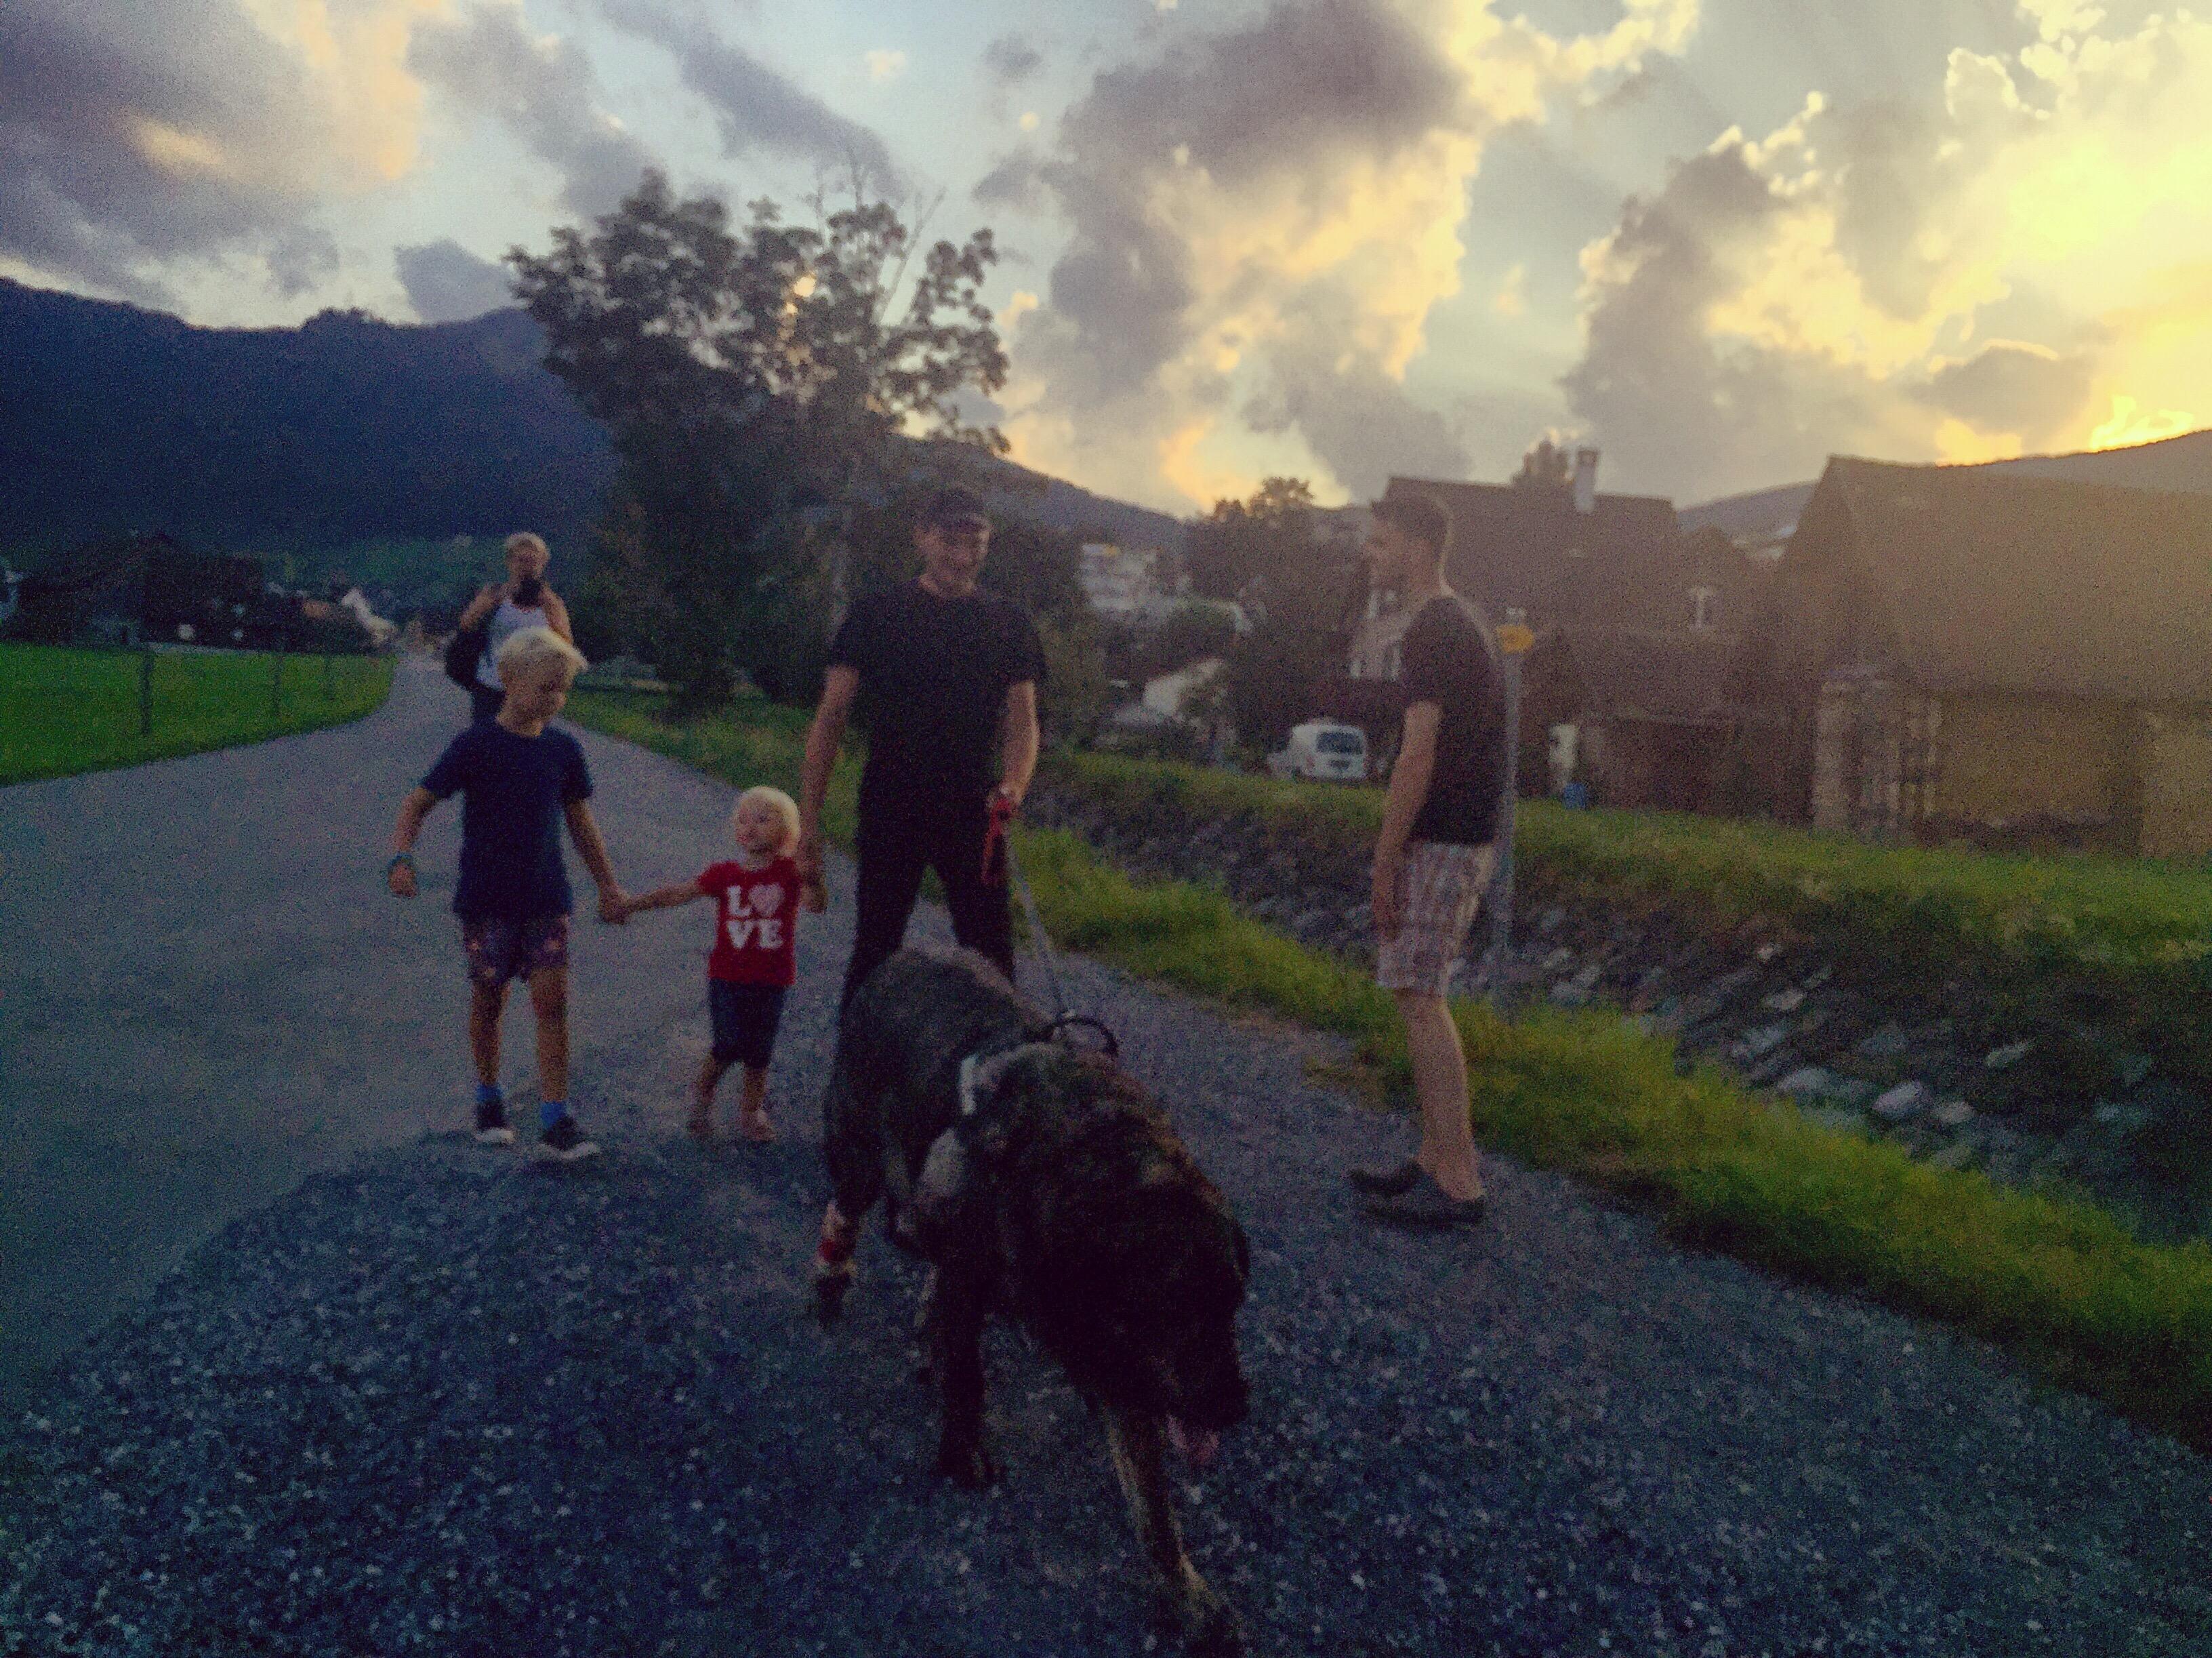 Na het eten gingen we nog een rondje lopen met de hond.